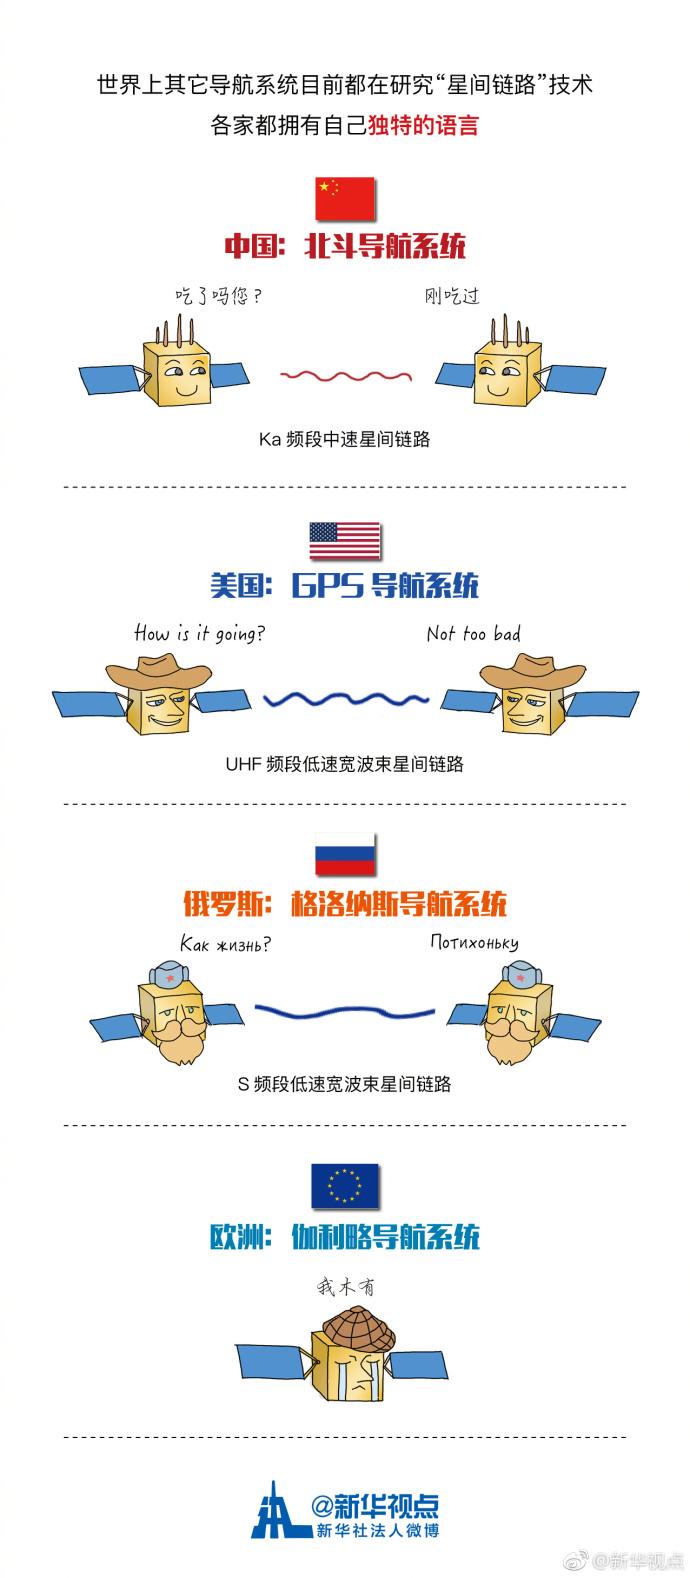 http://news.xinhuanet.com/tech/2017-11/06/1121910089_15099304058201n.jpg